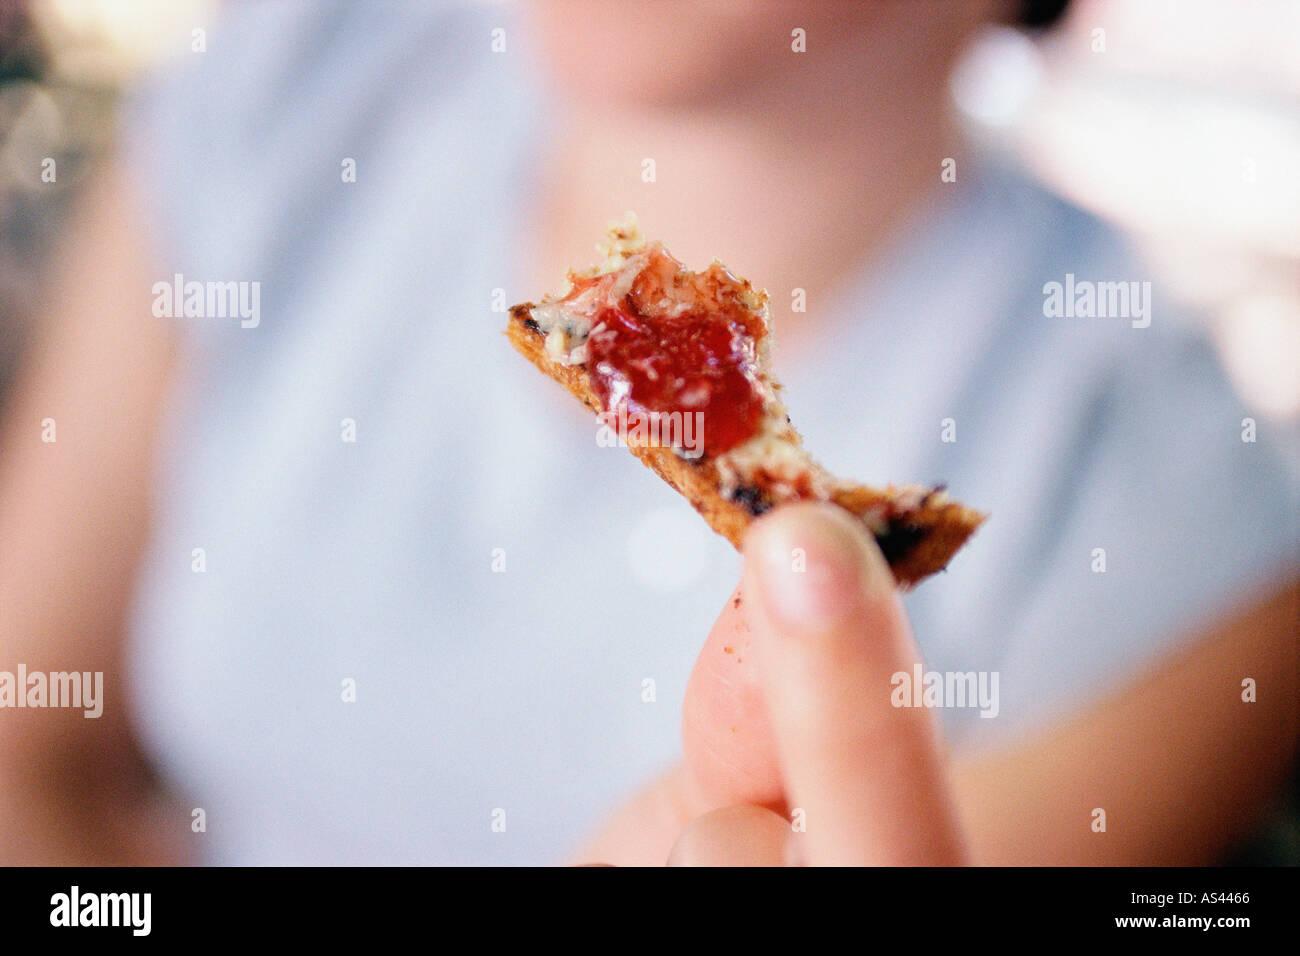 Last bit of jam on toast - Stock Image